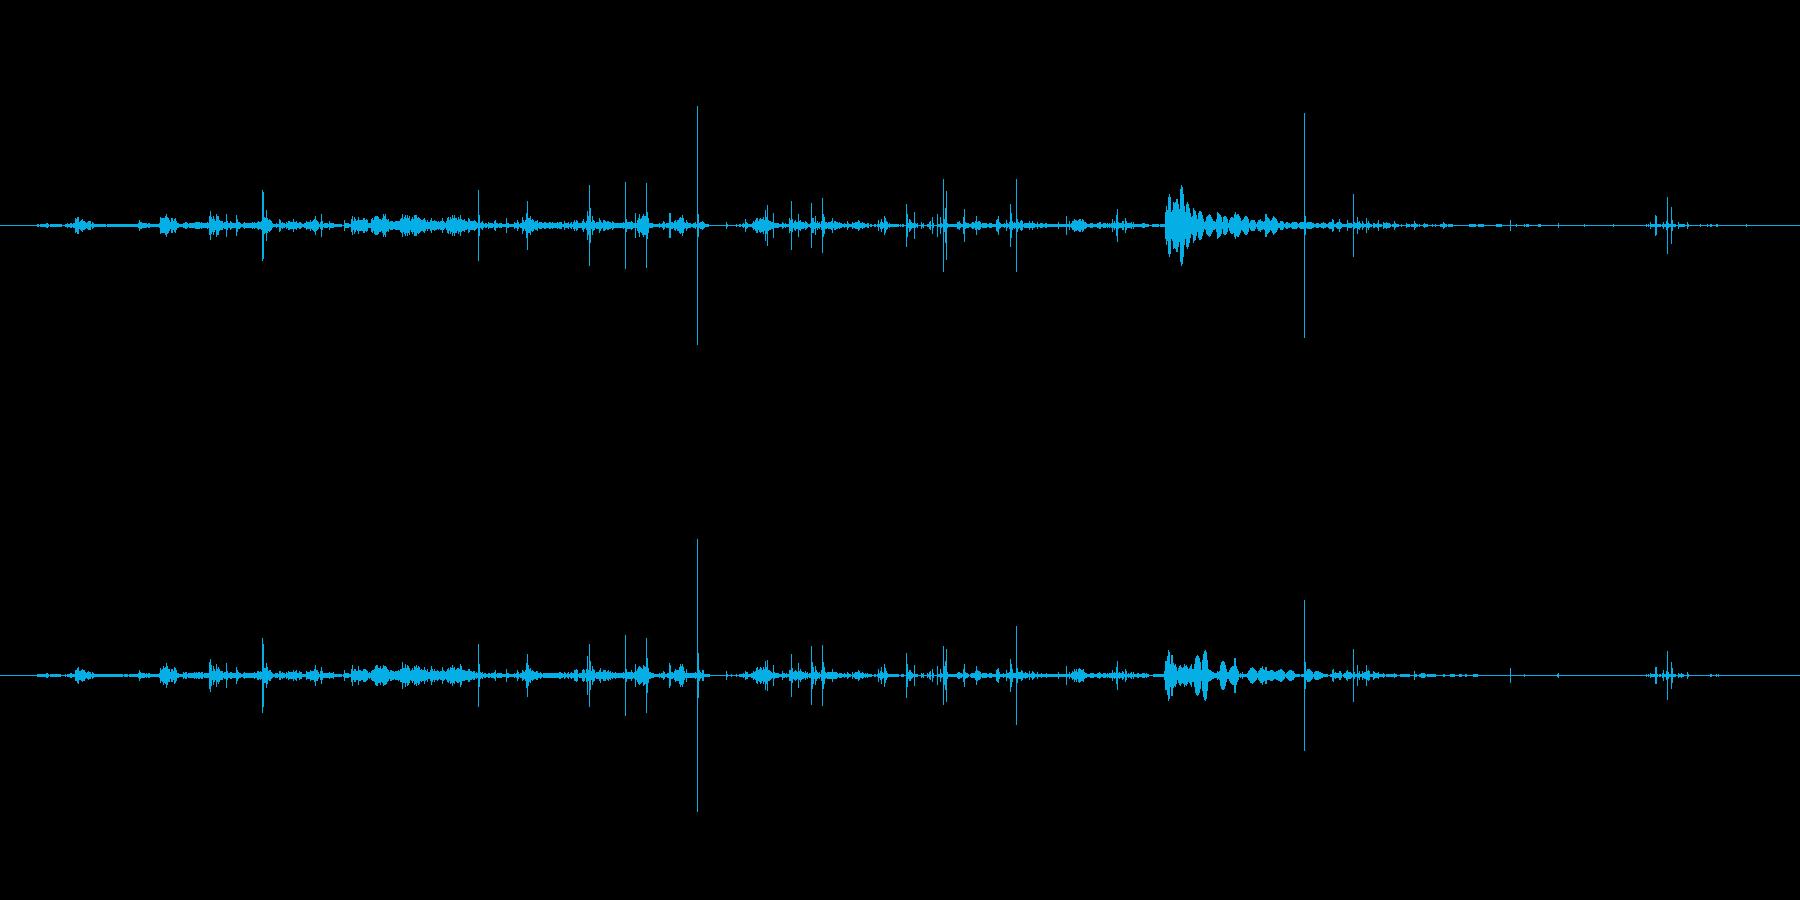 紙 メモ帳シートくしゃくしゃ02の再生済みの波形